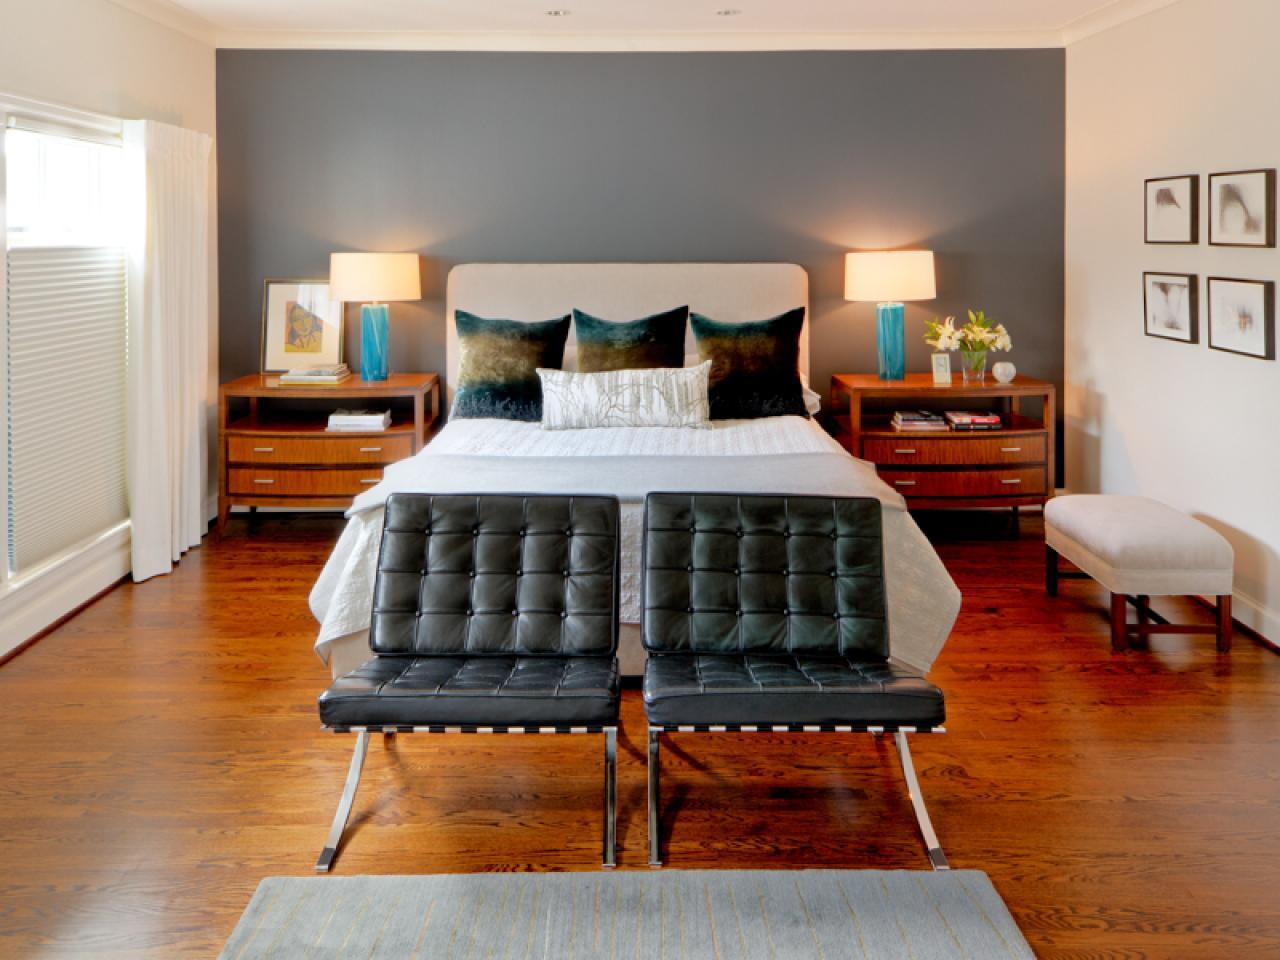 Master bedroom sitting areas home remodeling ideas for - Como pinto mi habitacion ...